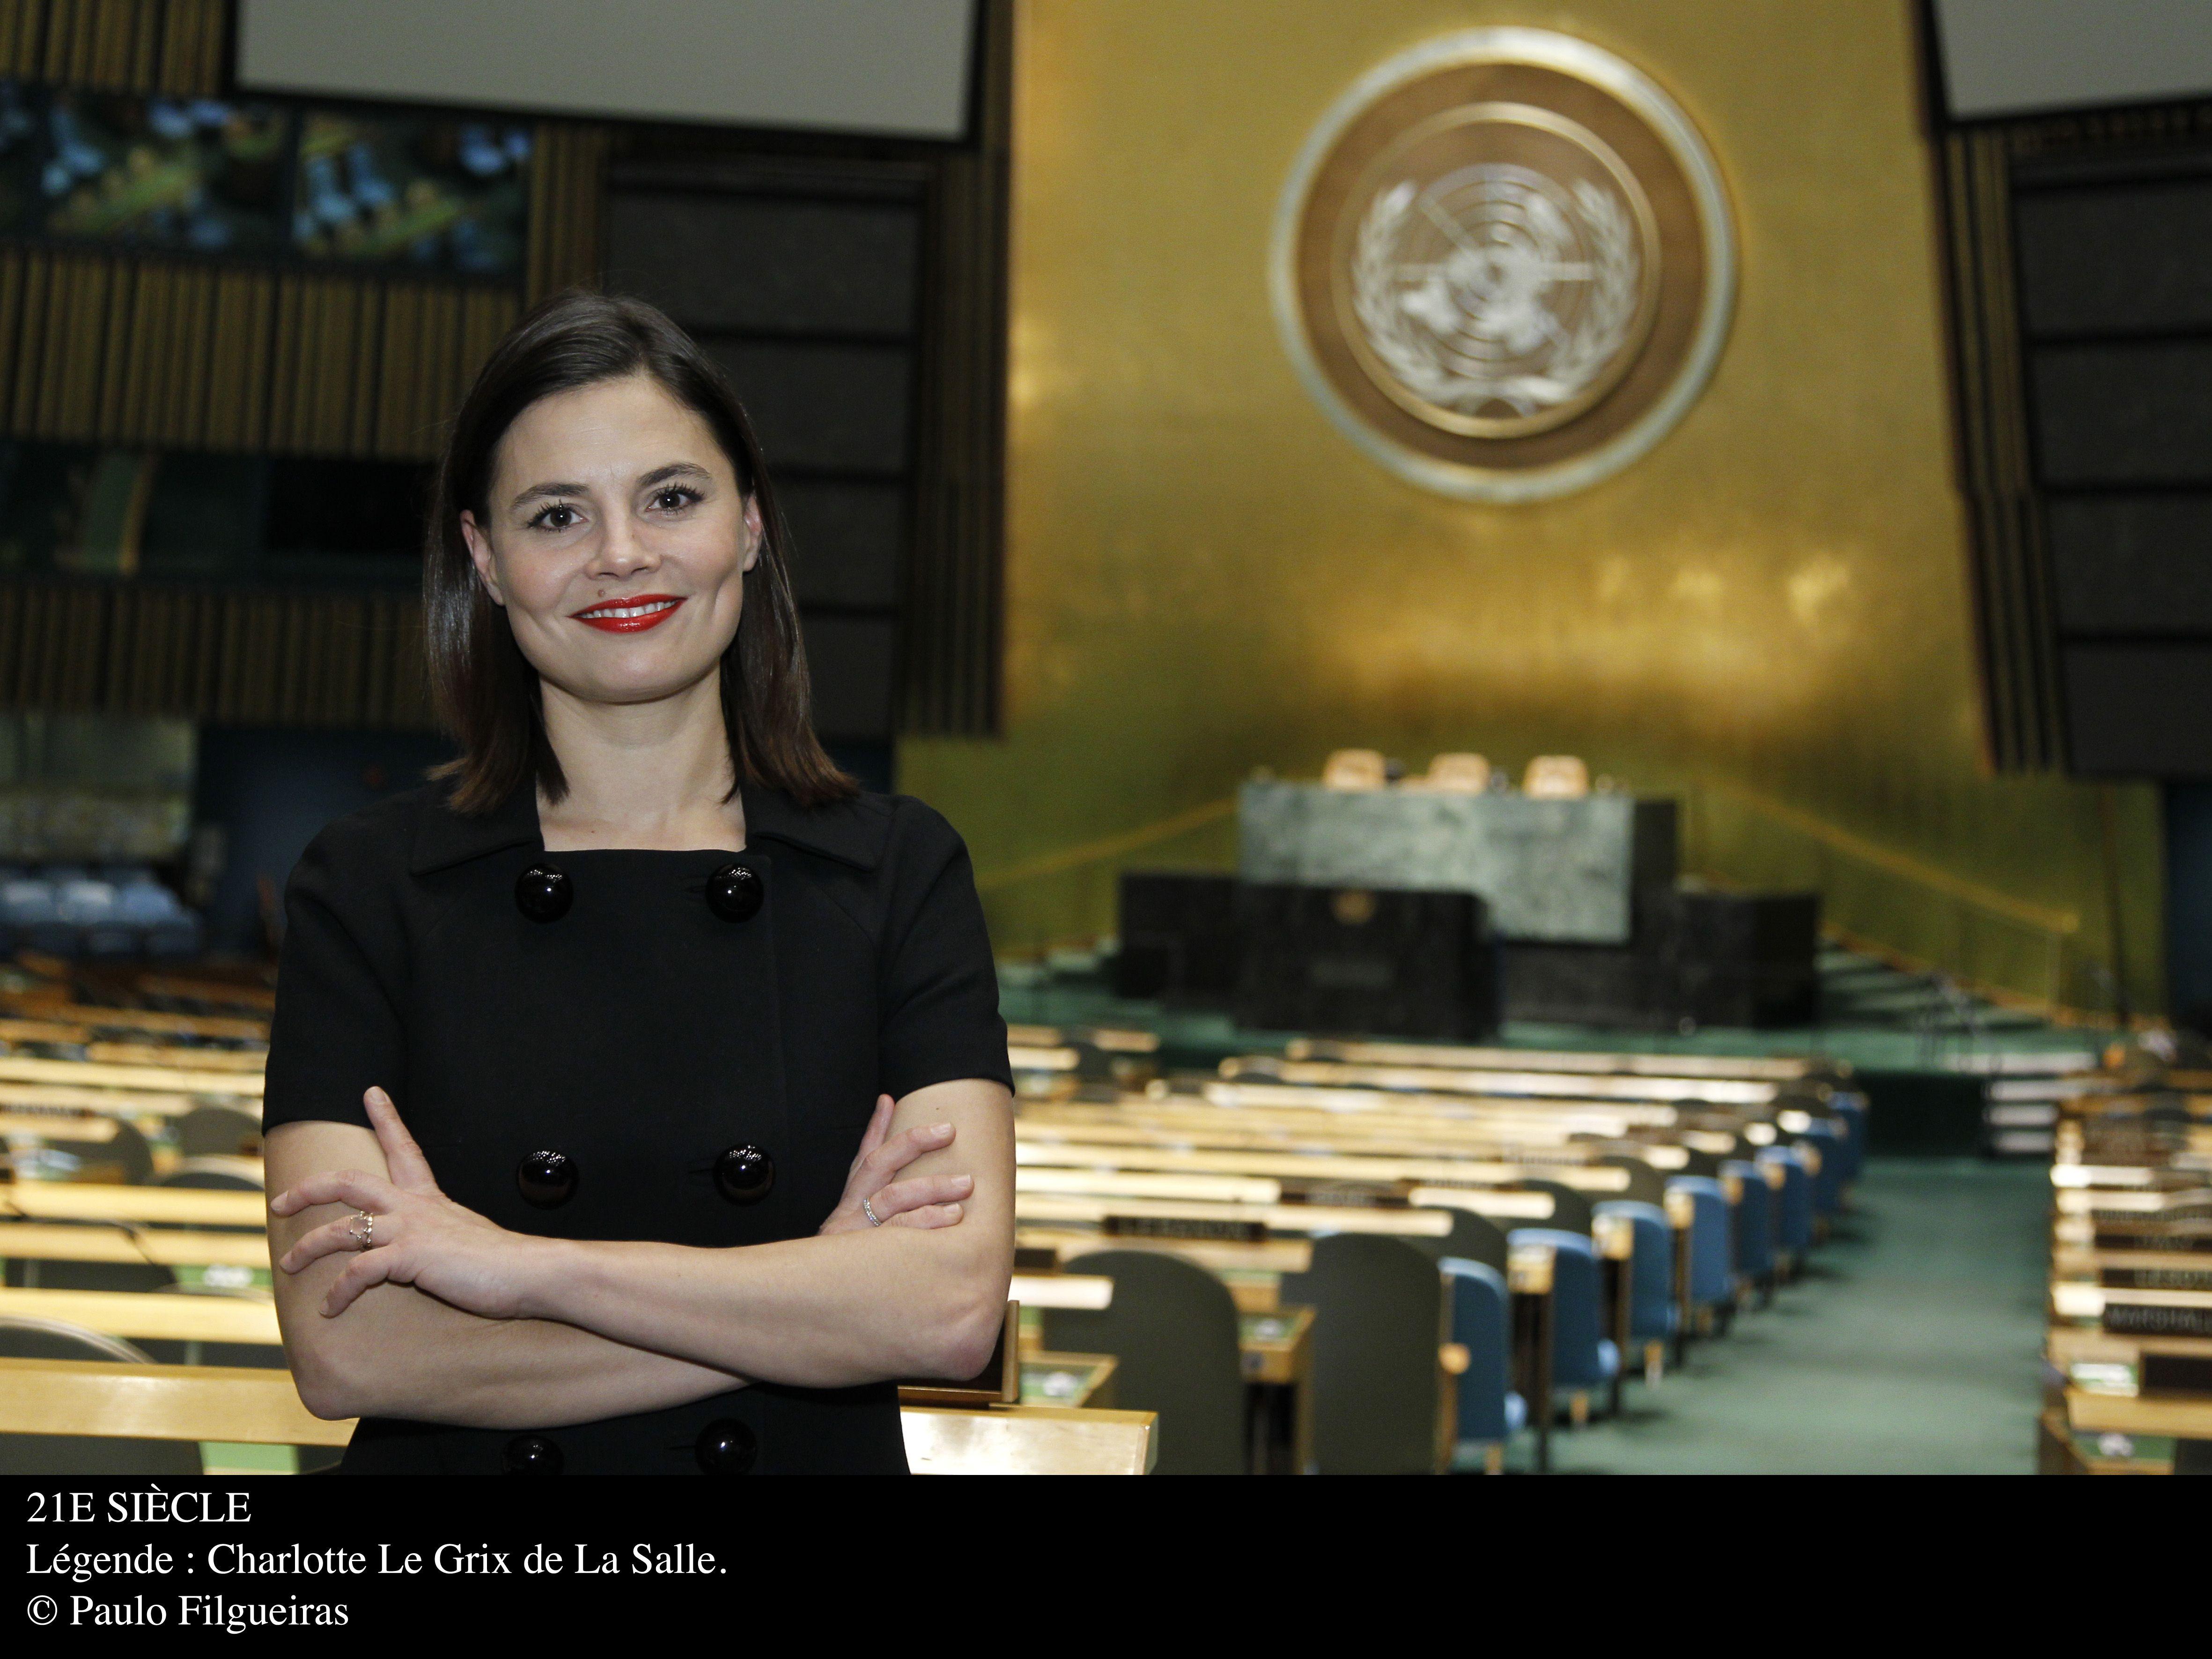 La journaliste Charlotte Le Grix de la Salle présente ce nouveau rendez-vous en français depuis le siège de l'Organisation des Nations Unies à New York.